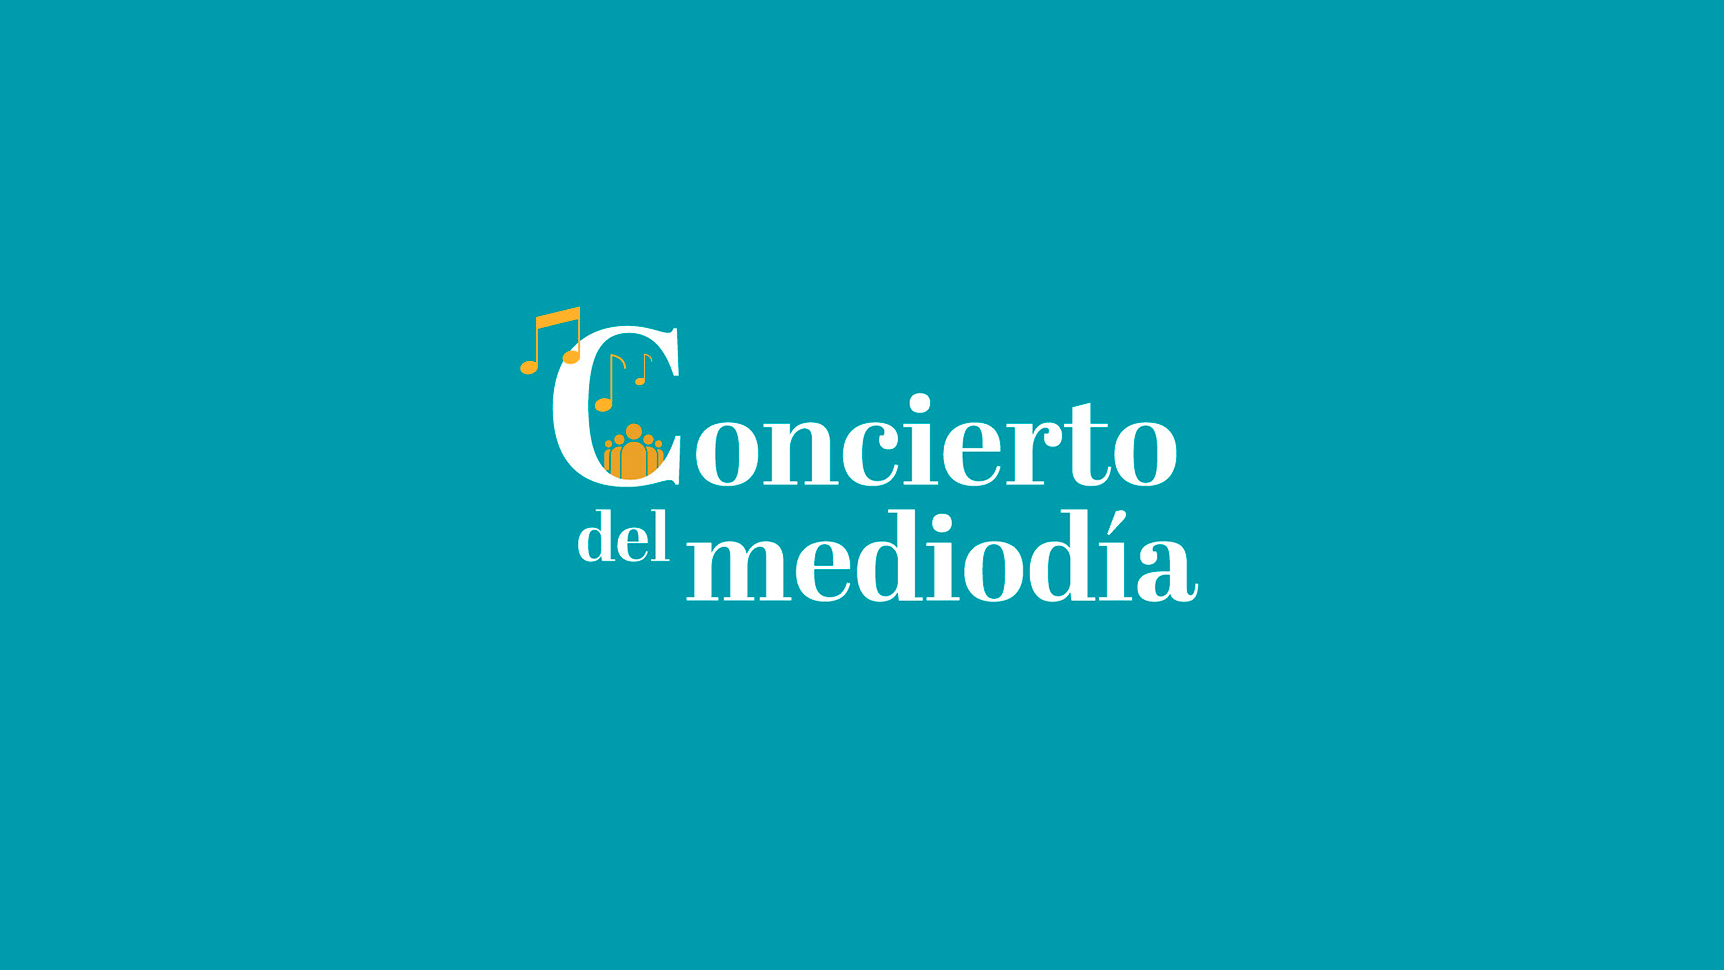 Concierto del mediodía: Bogotá Chamber Orchestra, música de cámara (Colombia)